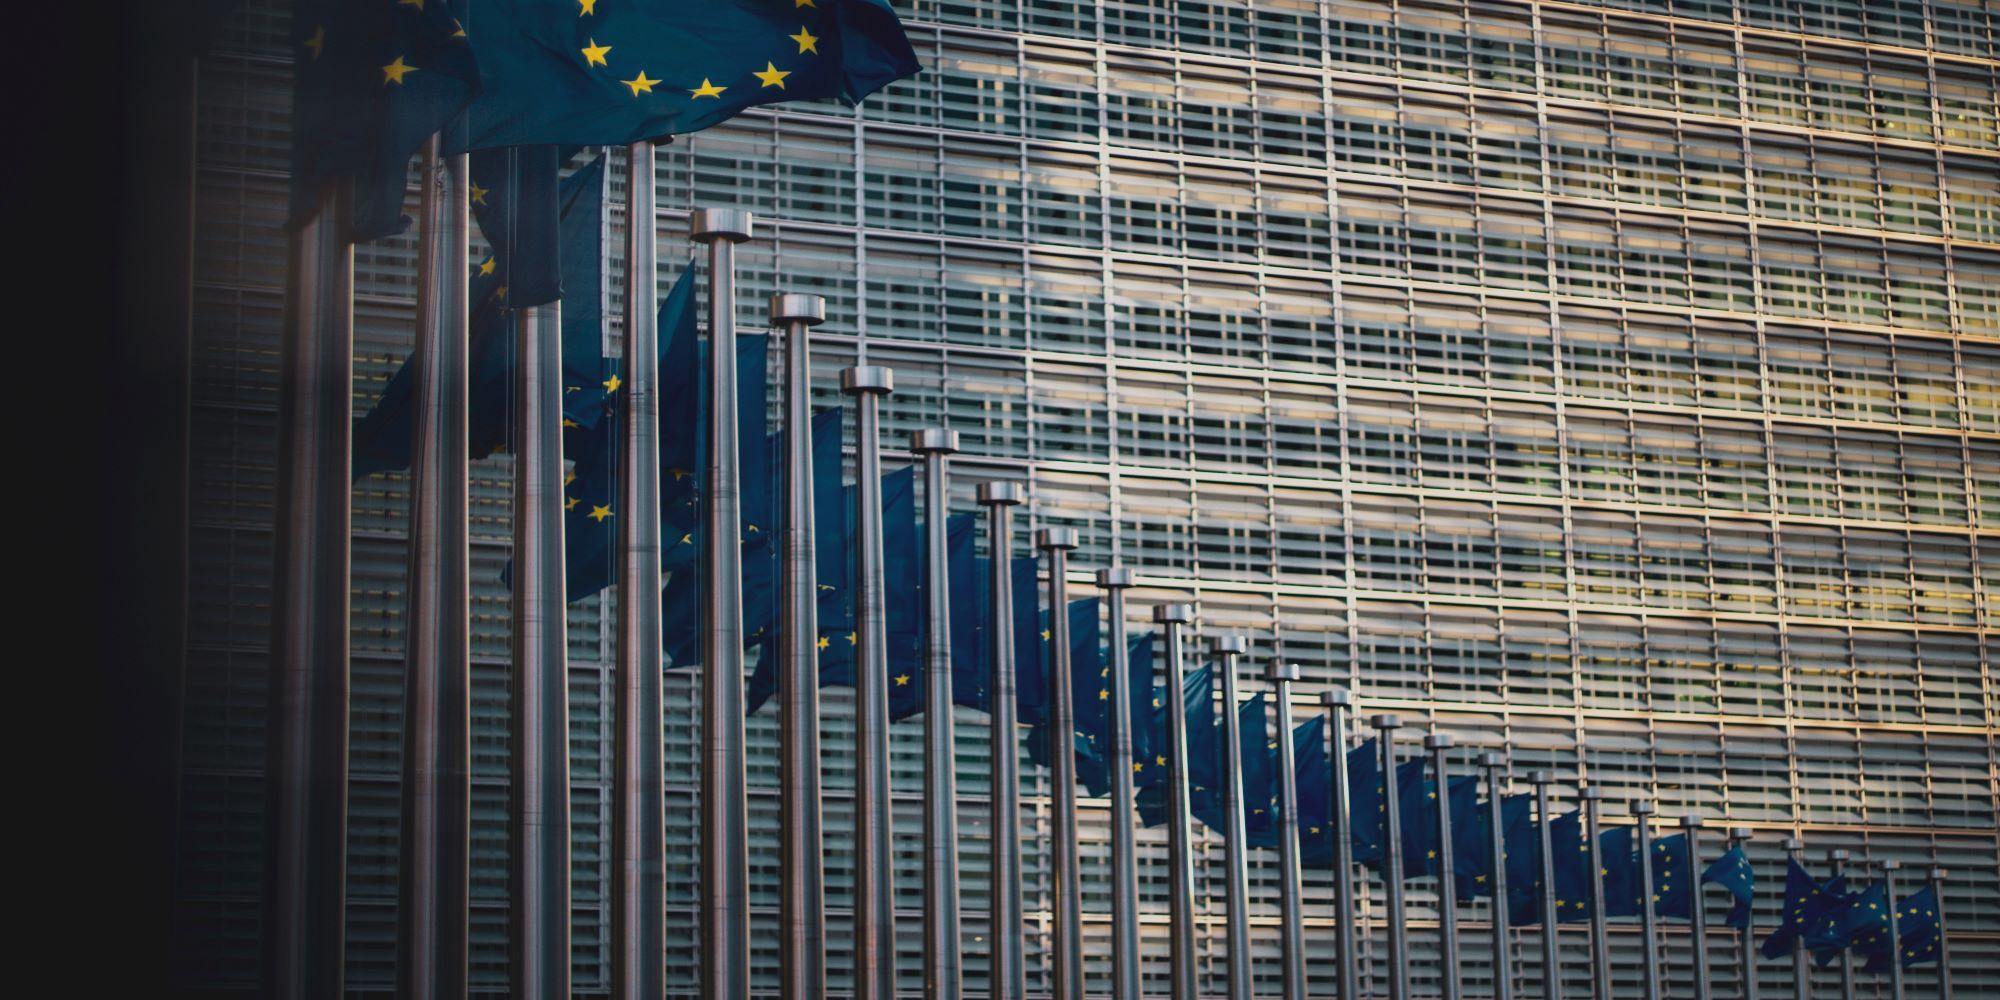 International Marketing News: EU Puts DIgital Tax Plan On Hold